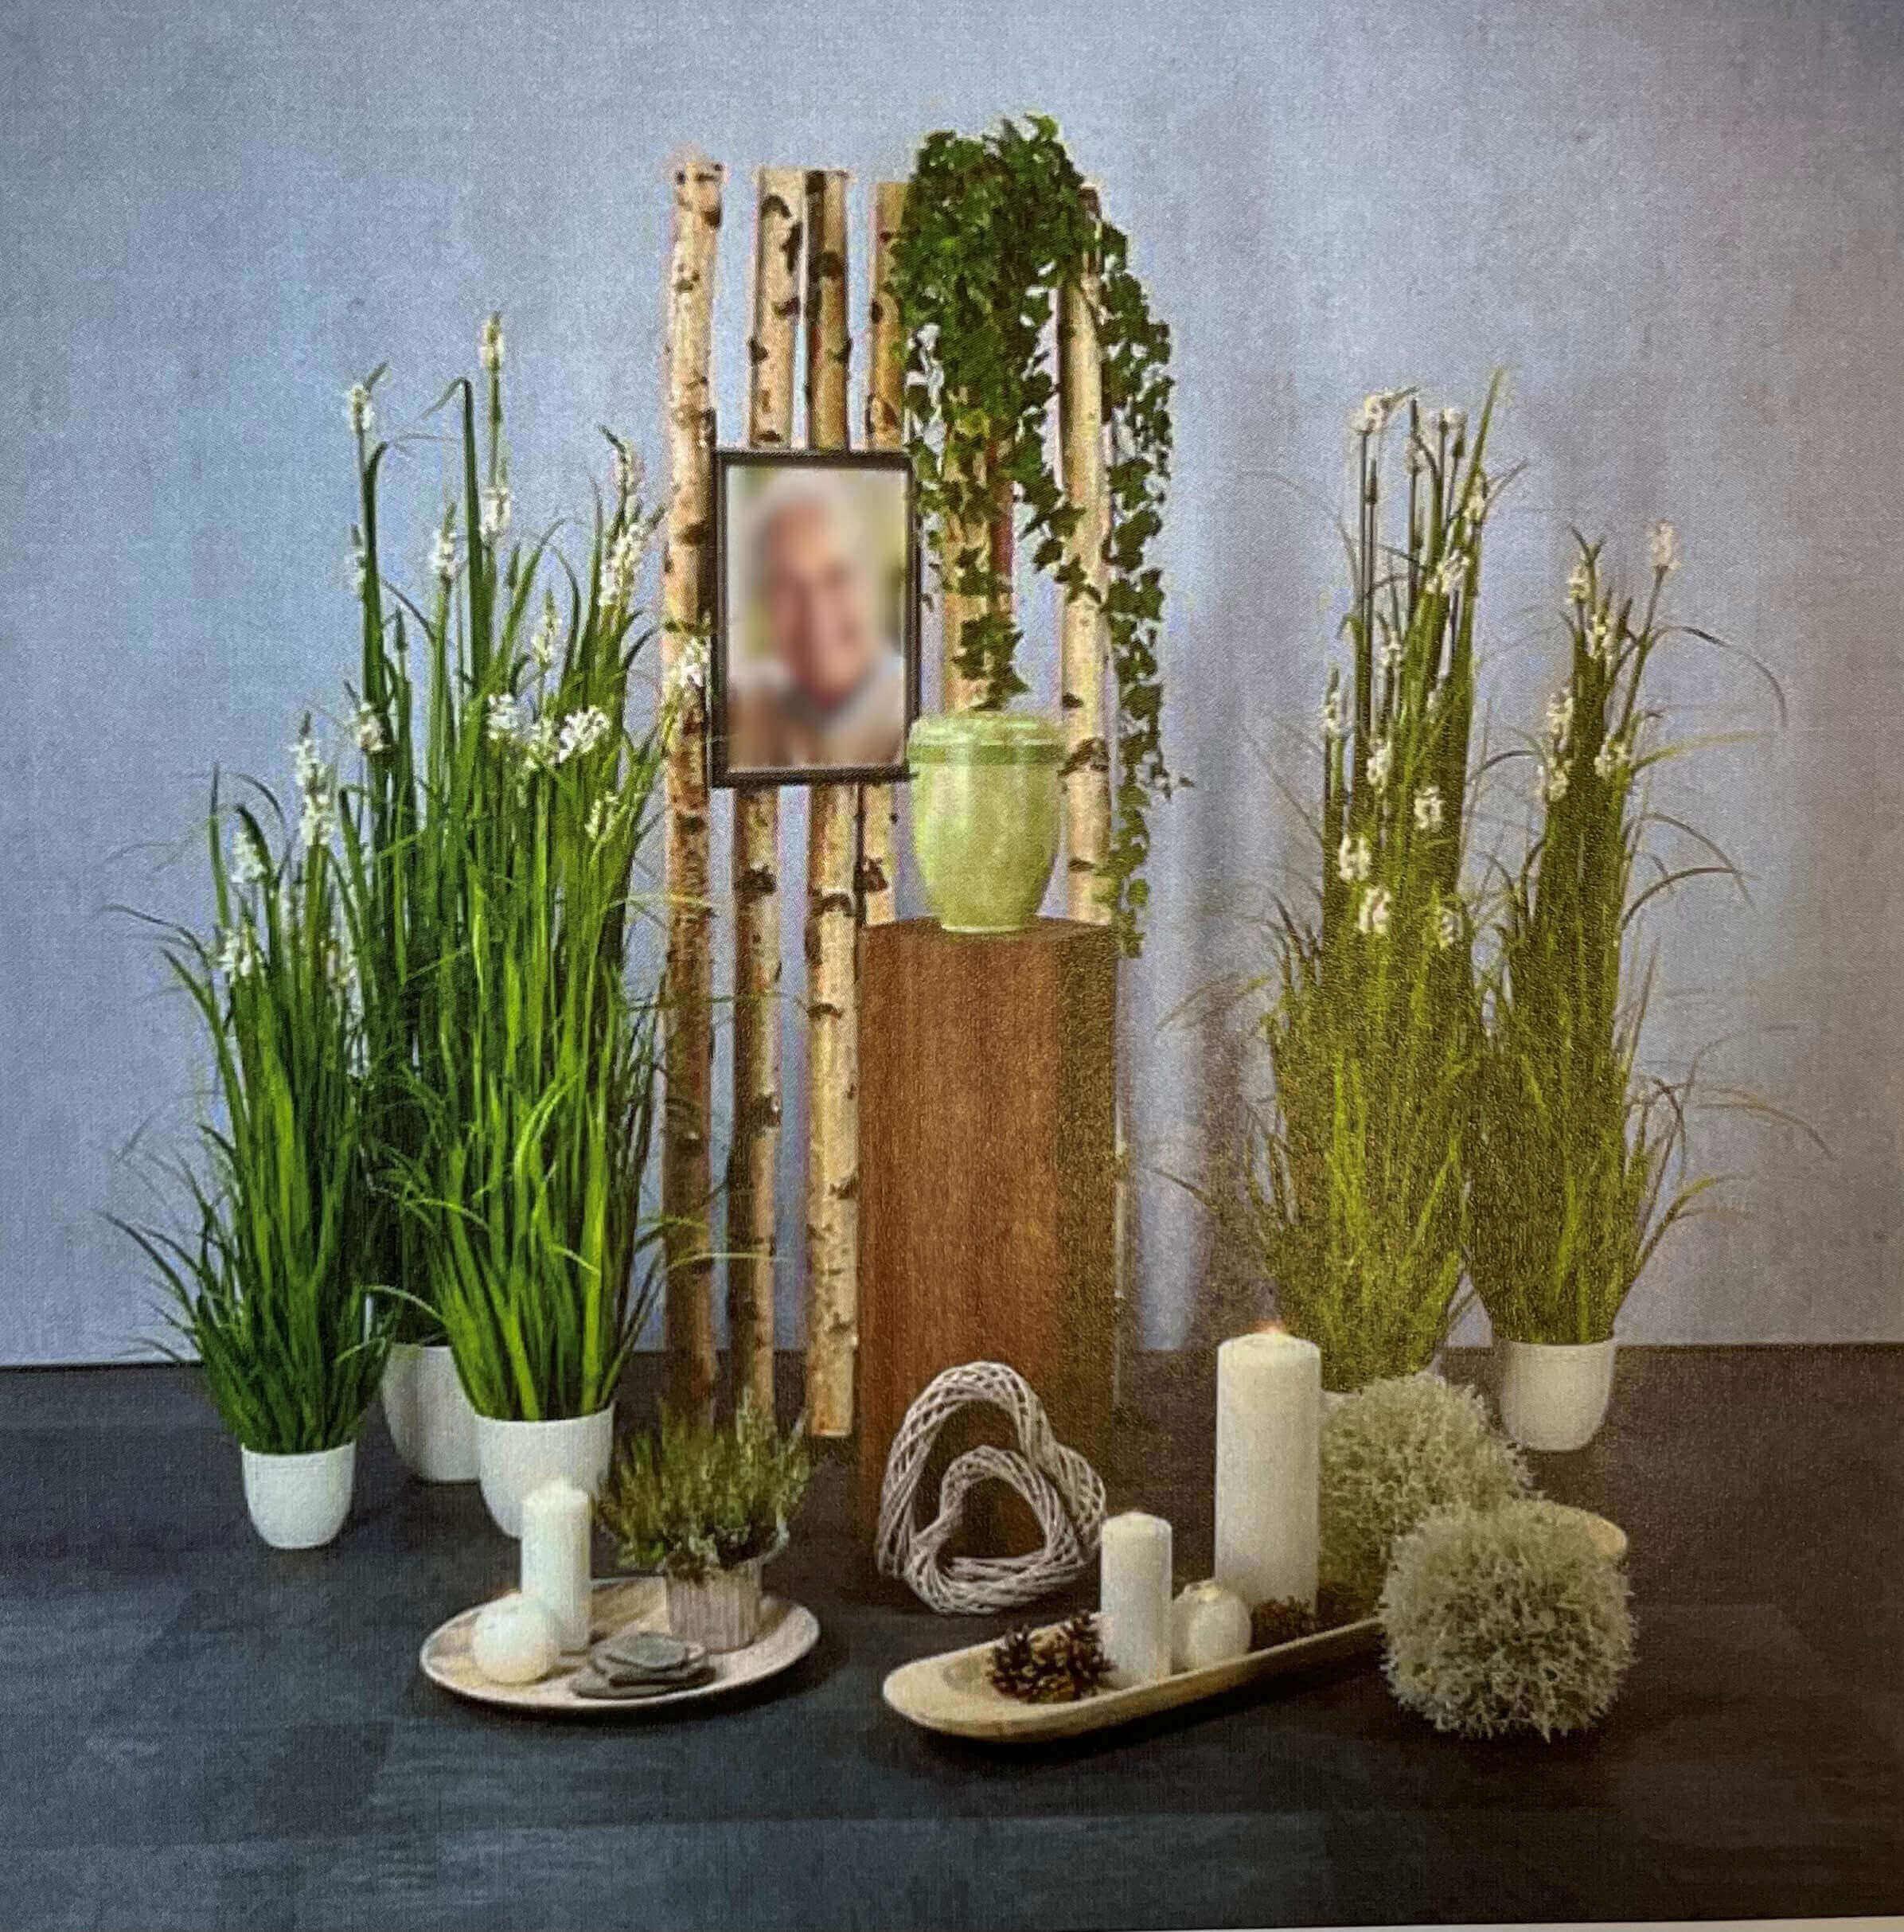 Grüne Pflanzendekoration für Trauerhalle